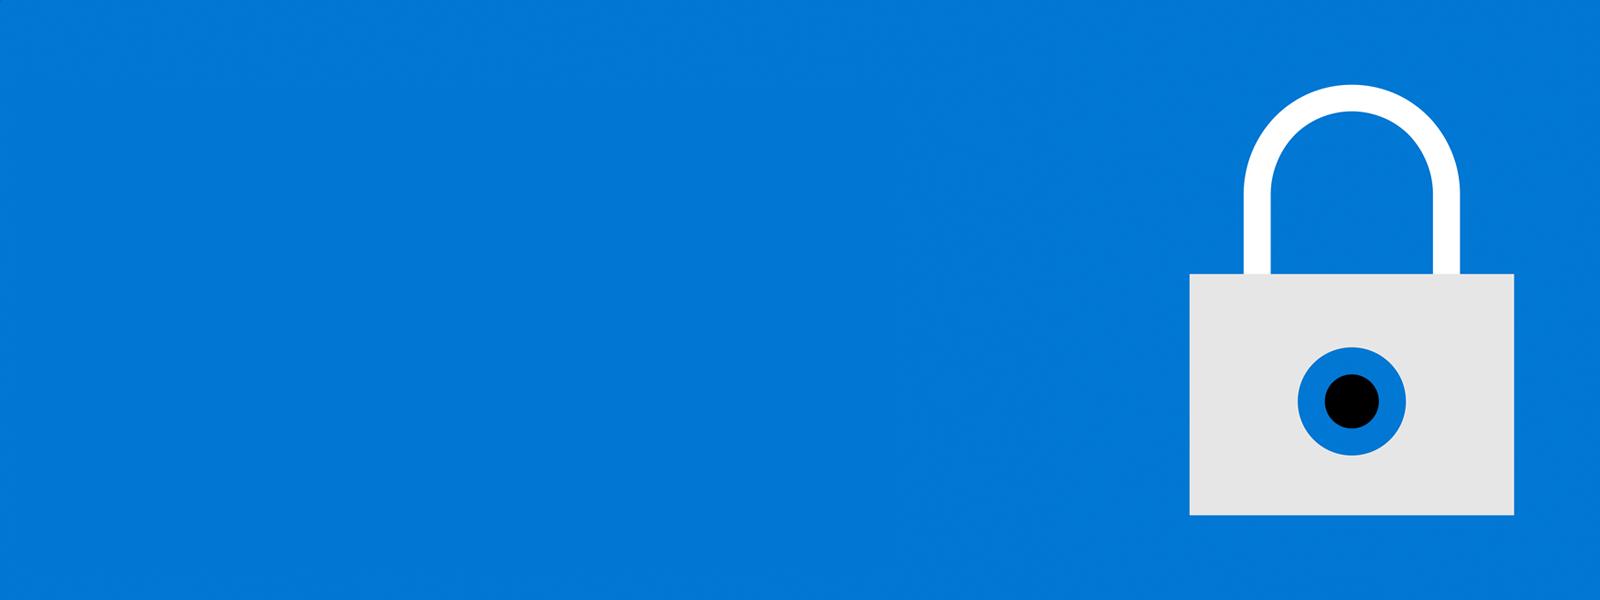 Imagem azul com um cadeado desenhado a direita